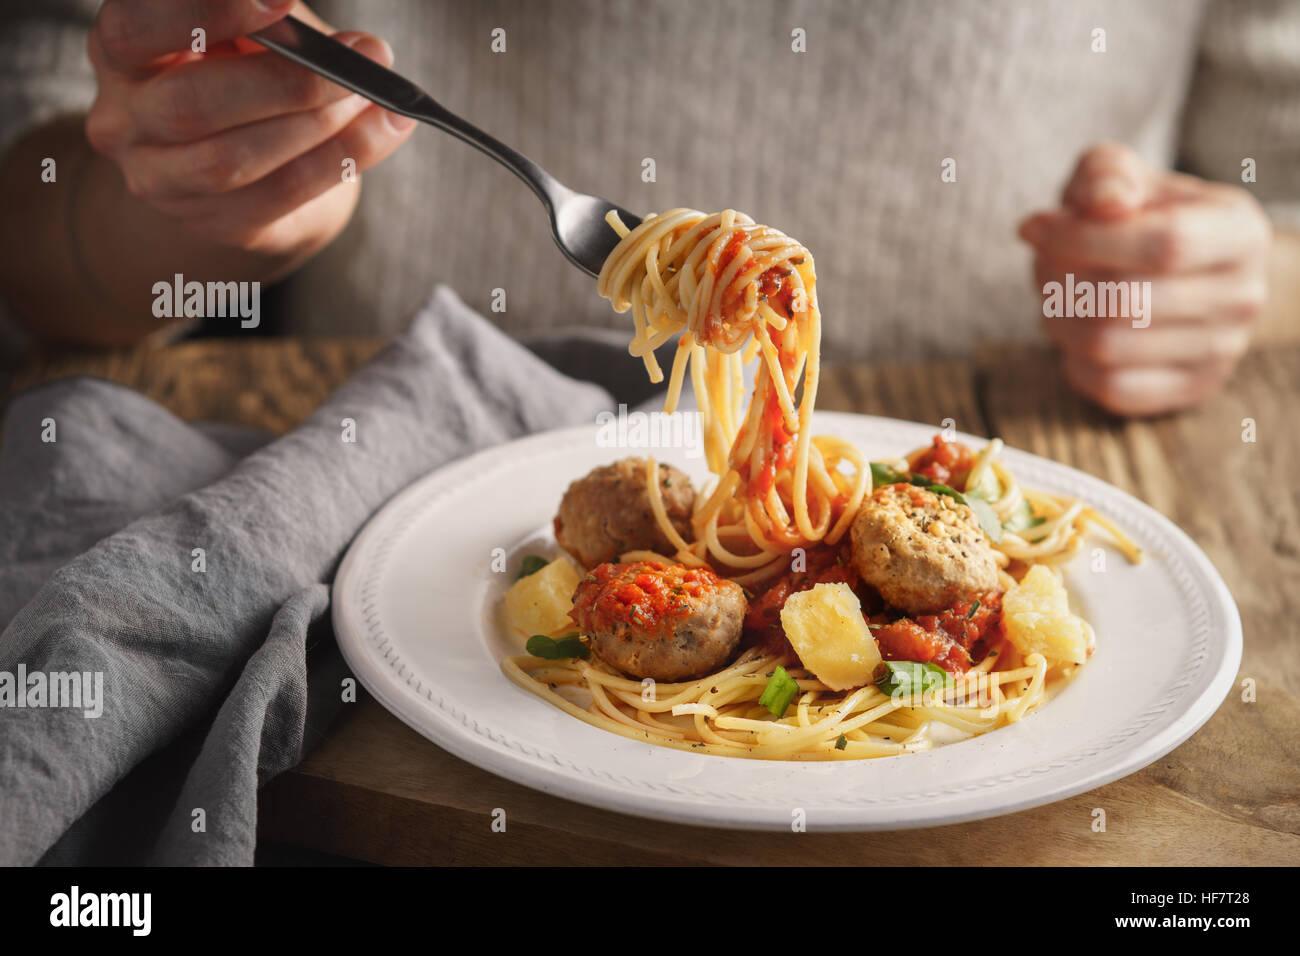 Woman eating spaghetti aux boulettes de viande et fromage l'horizontale Banque D'Images